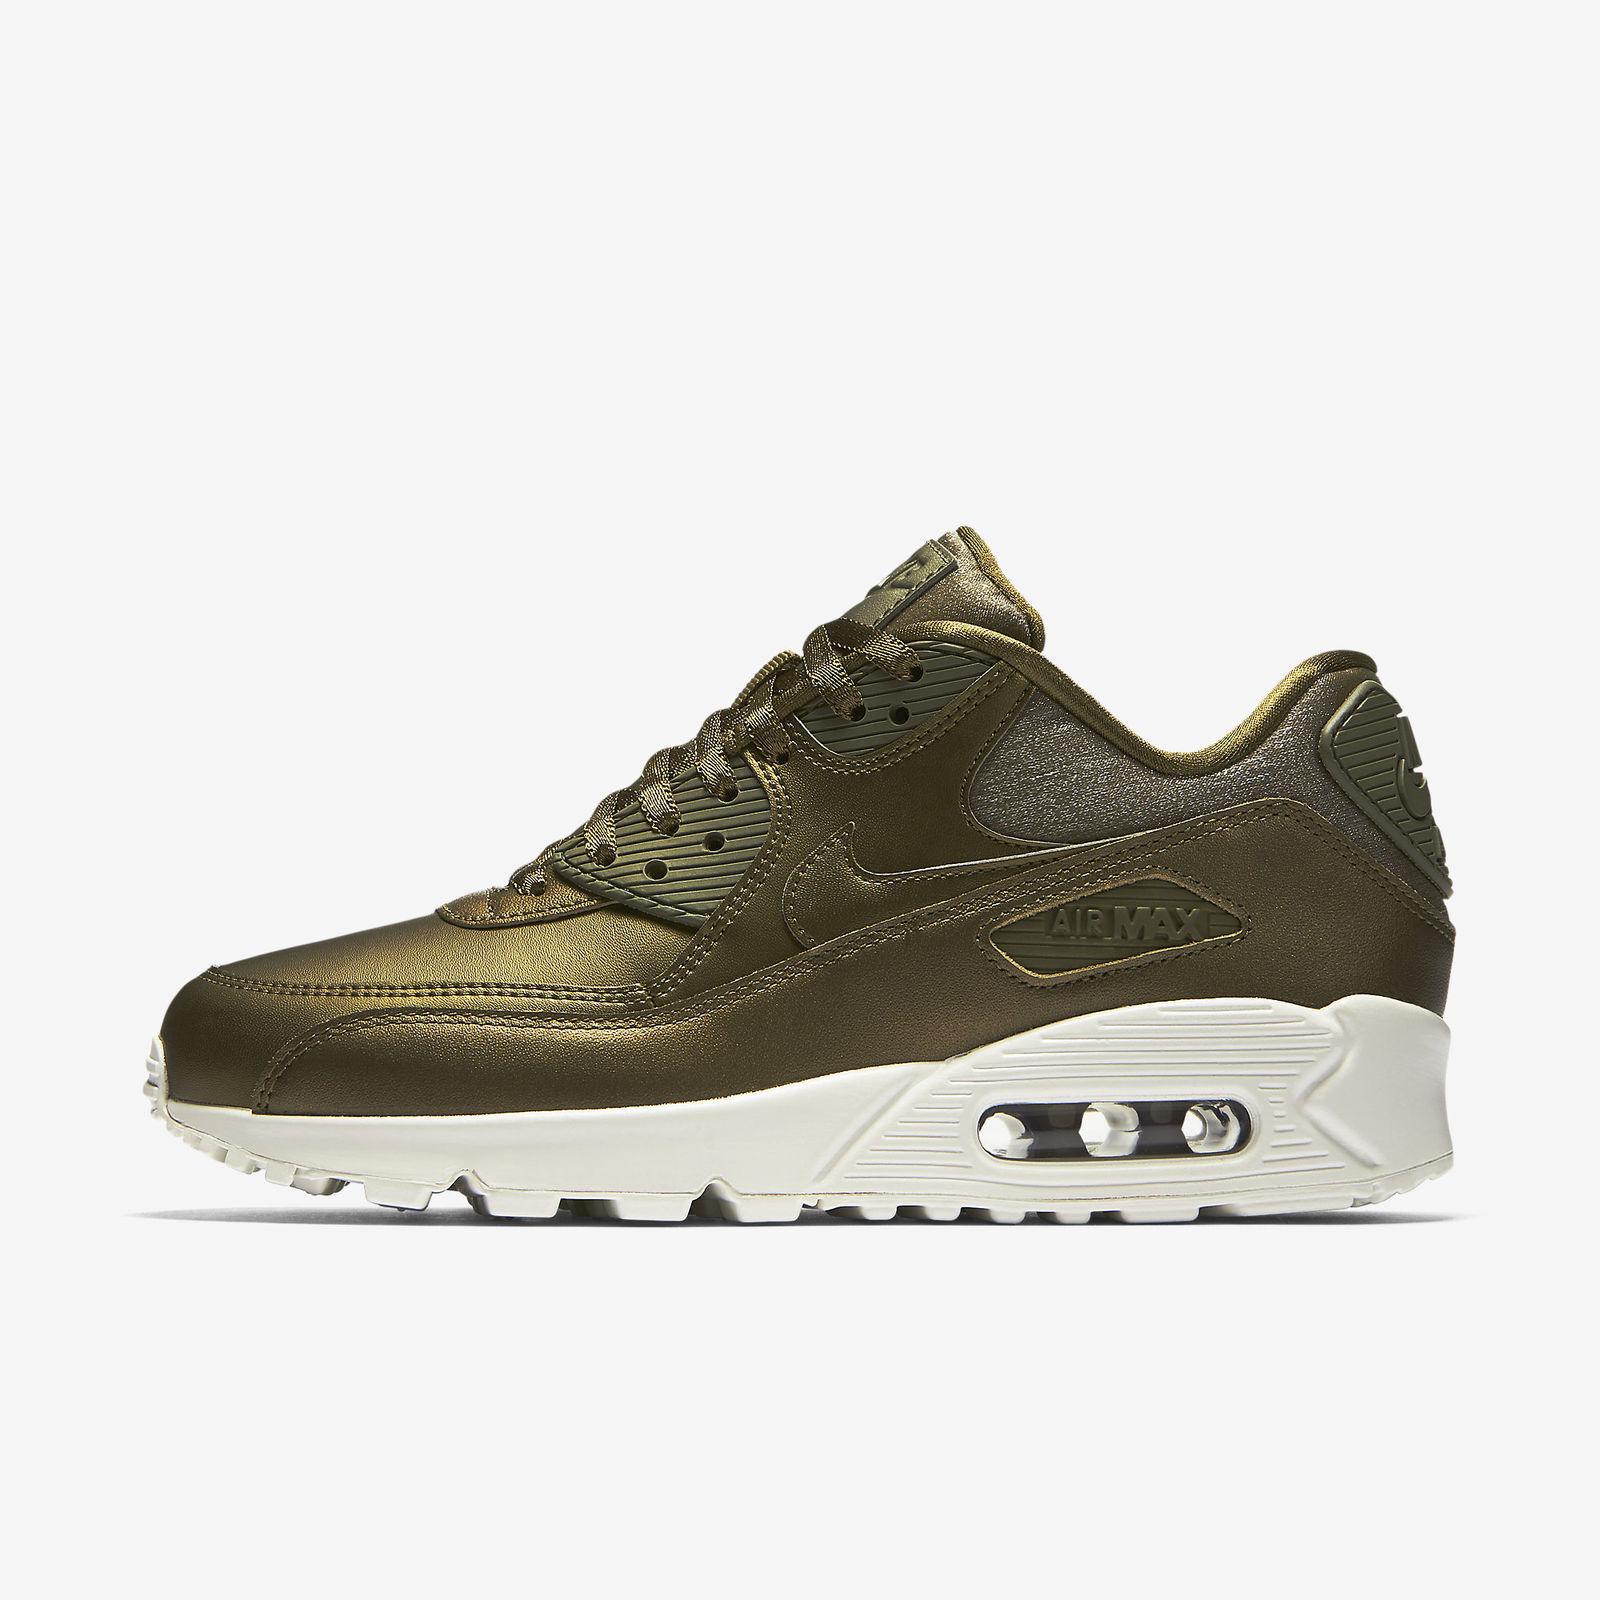 New Nike femmes (896497-901) Air Max 90 Premium Chaussures (896497-901) femmes Metallic Field 822eb0